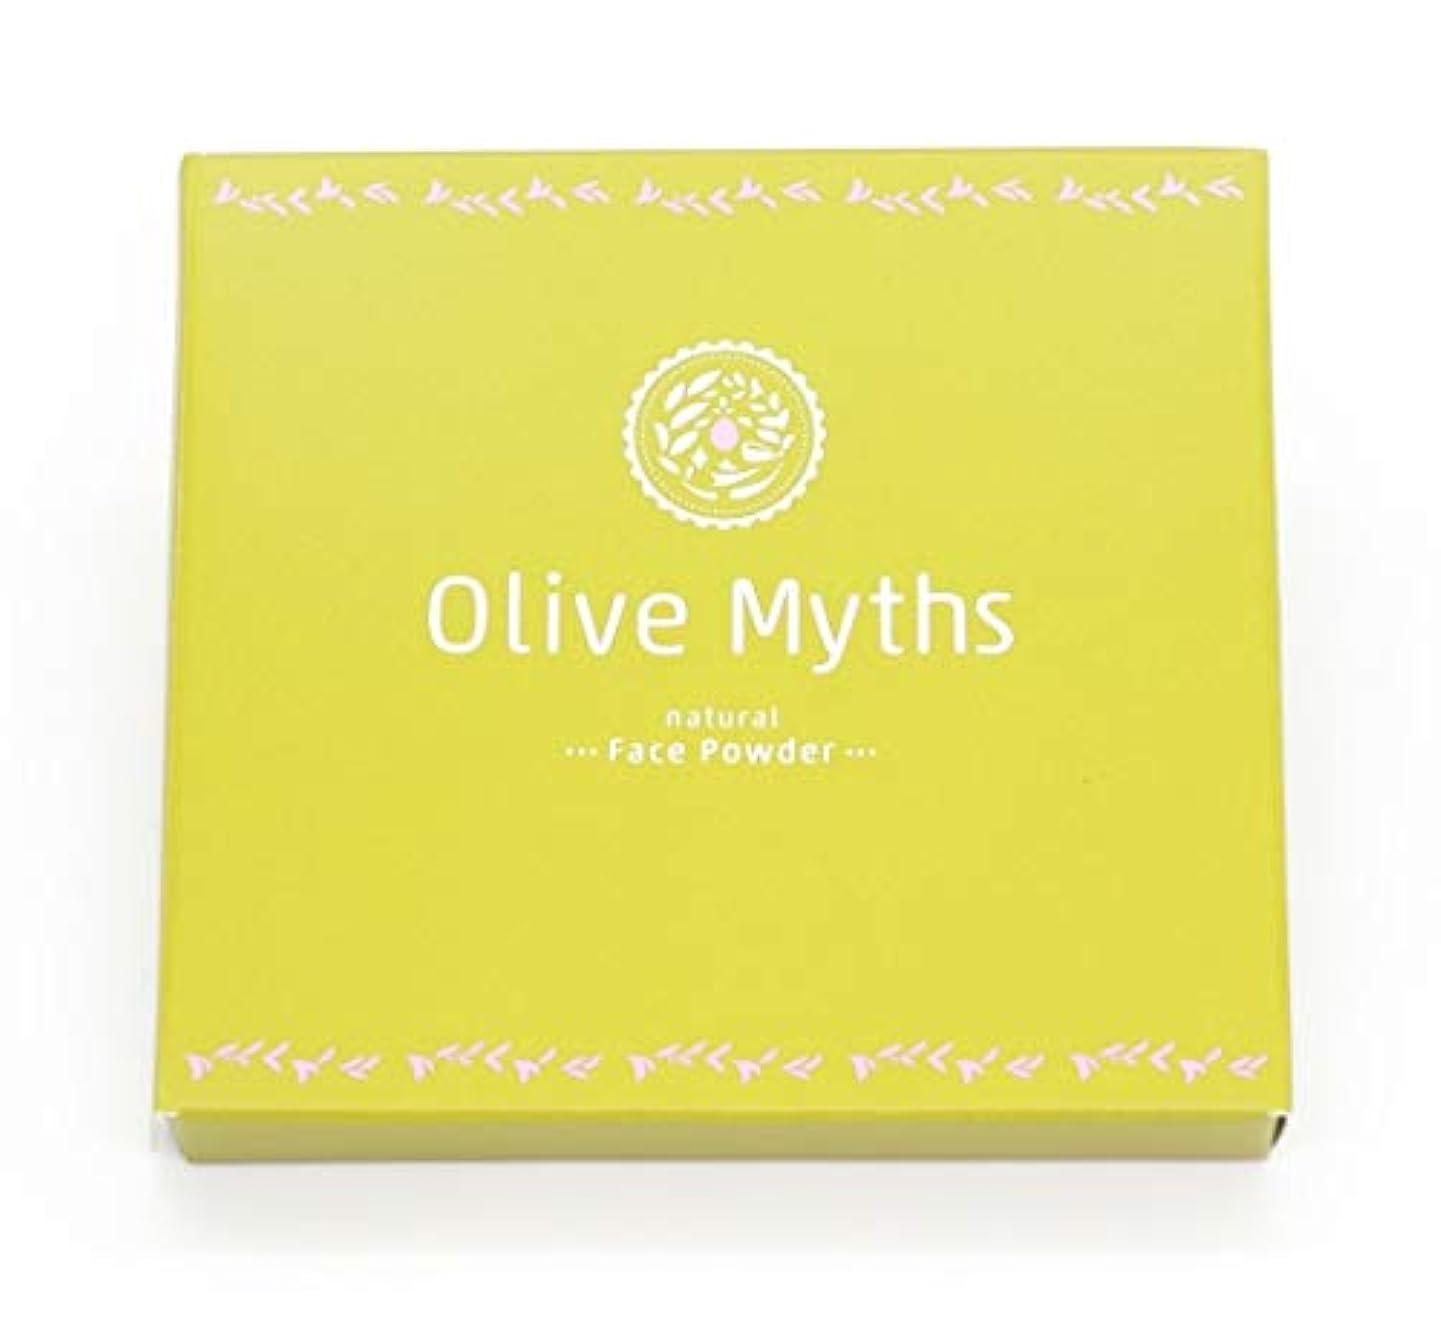 ヘロイン床を掃除するレビュアーmaestria. OliveMyths 『Myths ナチュラルパウダーファンデーション(サンカット)』 レフィル11g